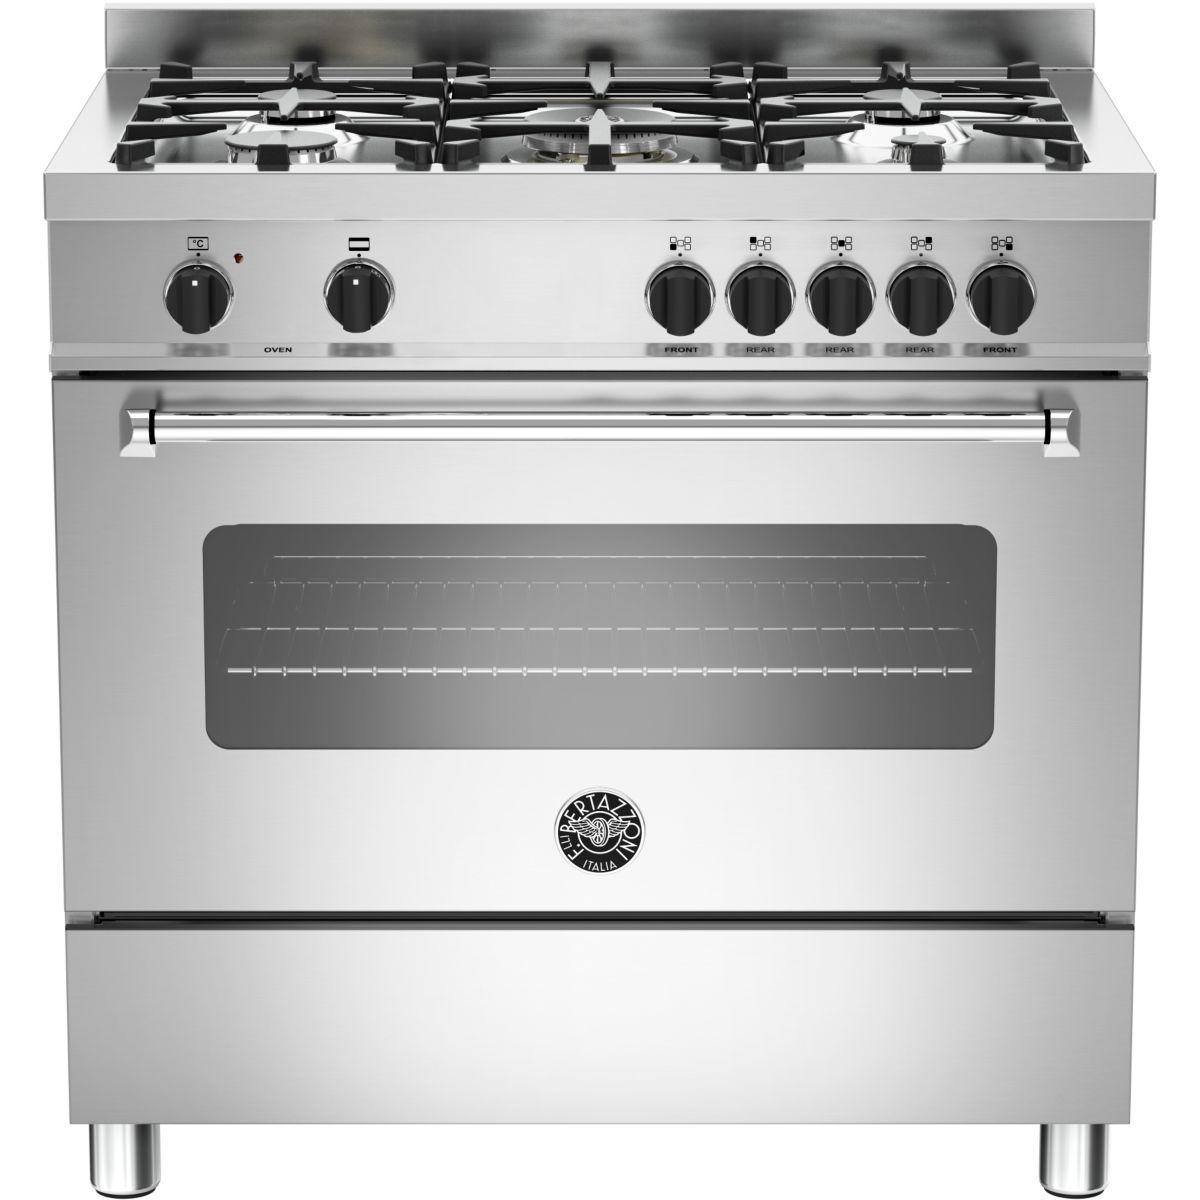 Cuisinière gaz bertazzoni mas90 5 mfe s xe - produit coup de coeur webdistrib.com ! (photo)